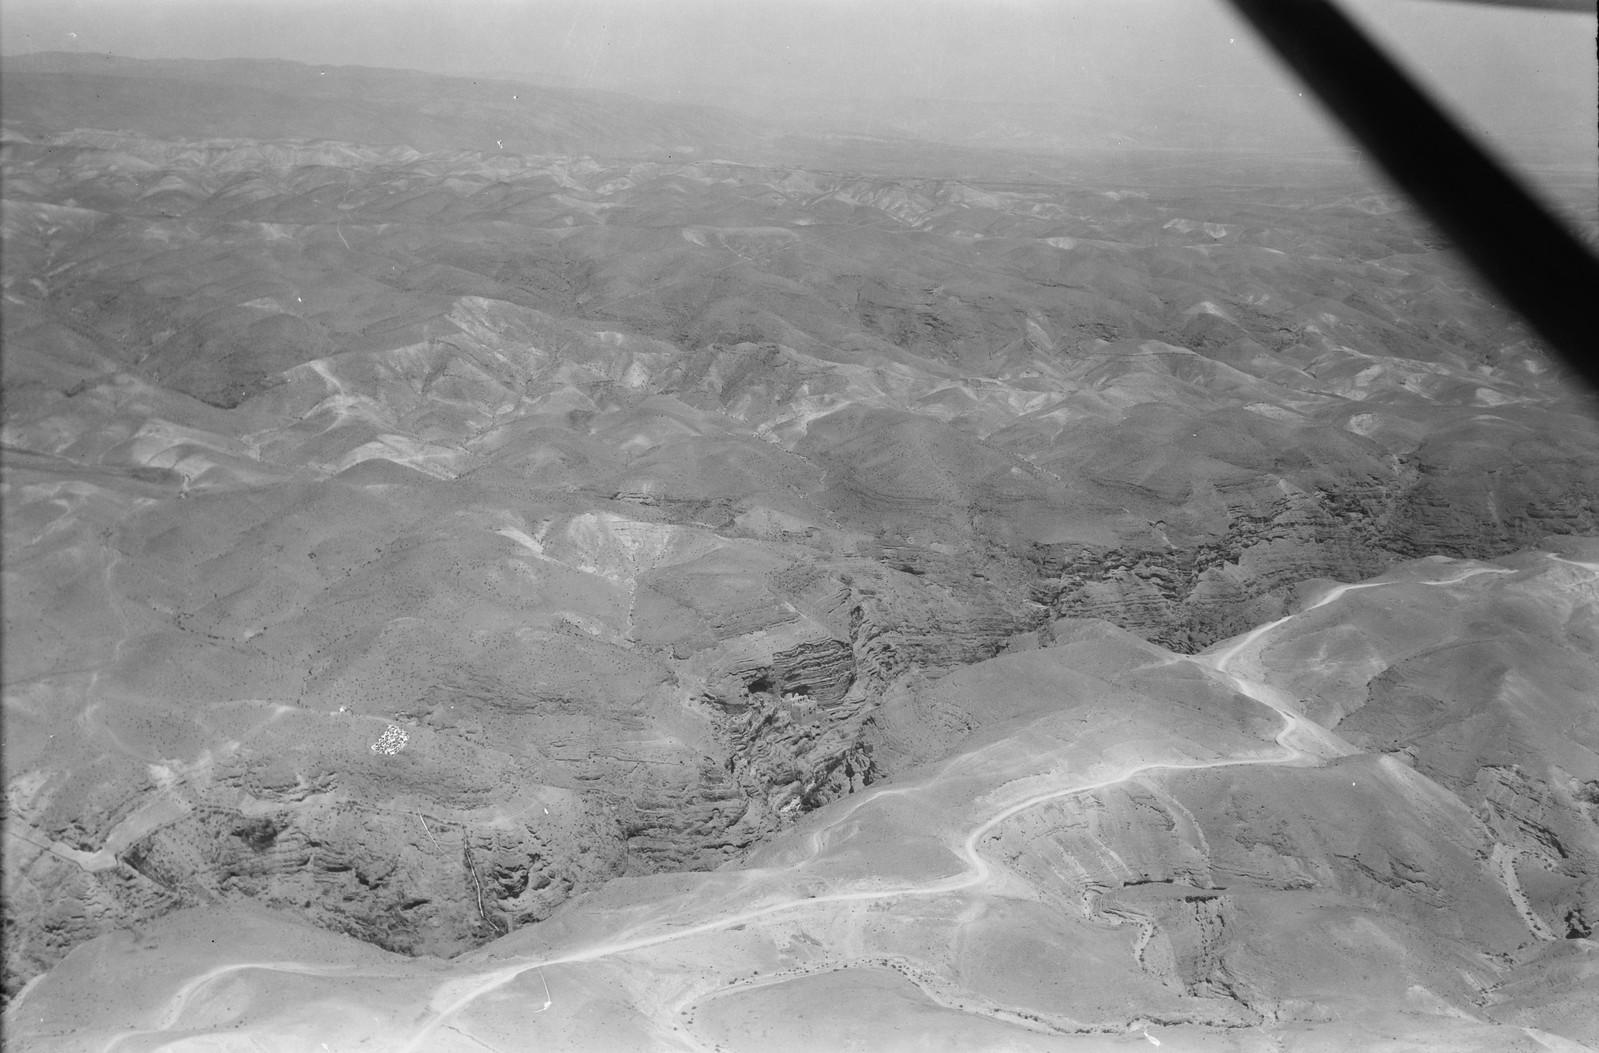 09. Монастырь Георгия Хозевита в Иудейской пустыне. Иерихонская дорога на переднем плане